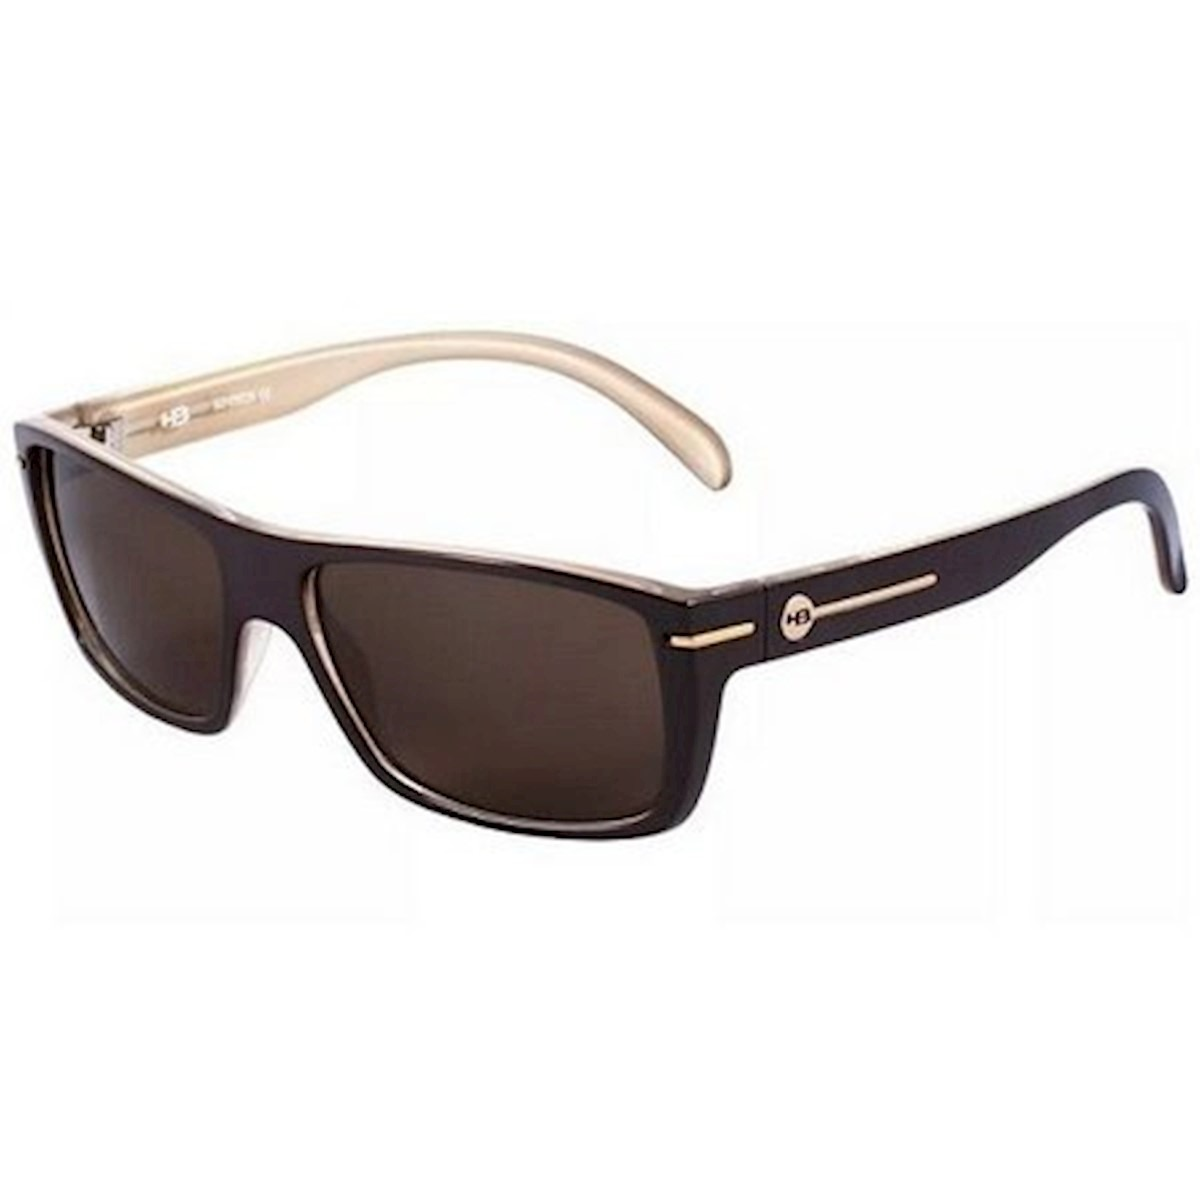 490f6bf2a Óculos De Sol Would Matte Black Brown Lenses Hb - Original - R$ 330 ...